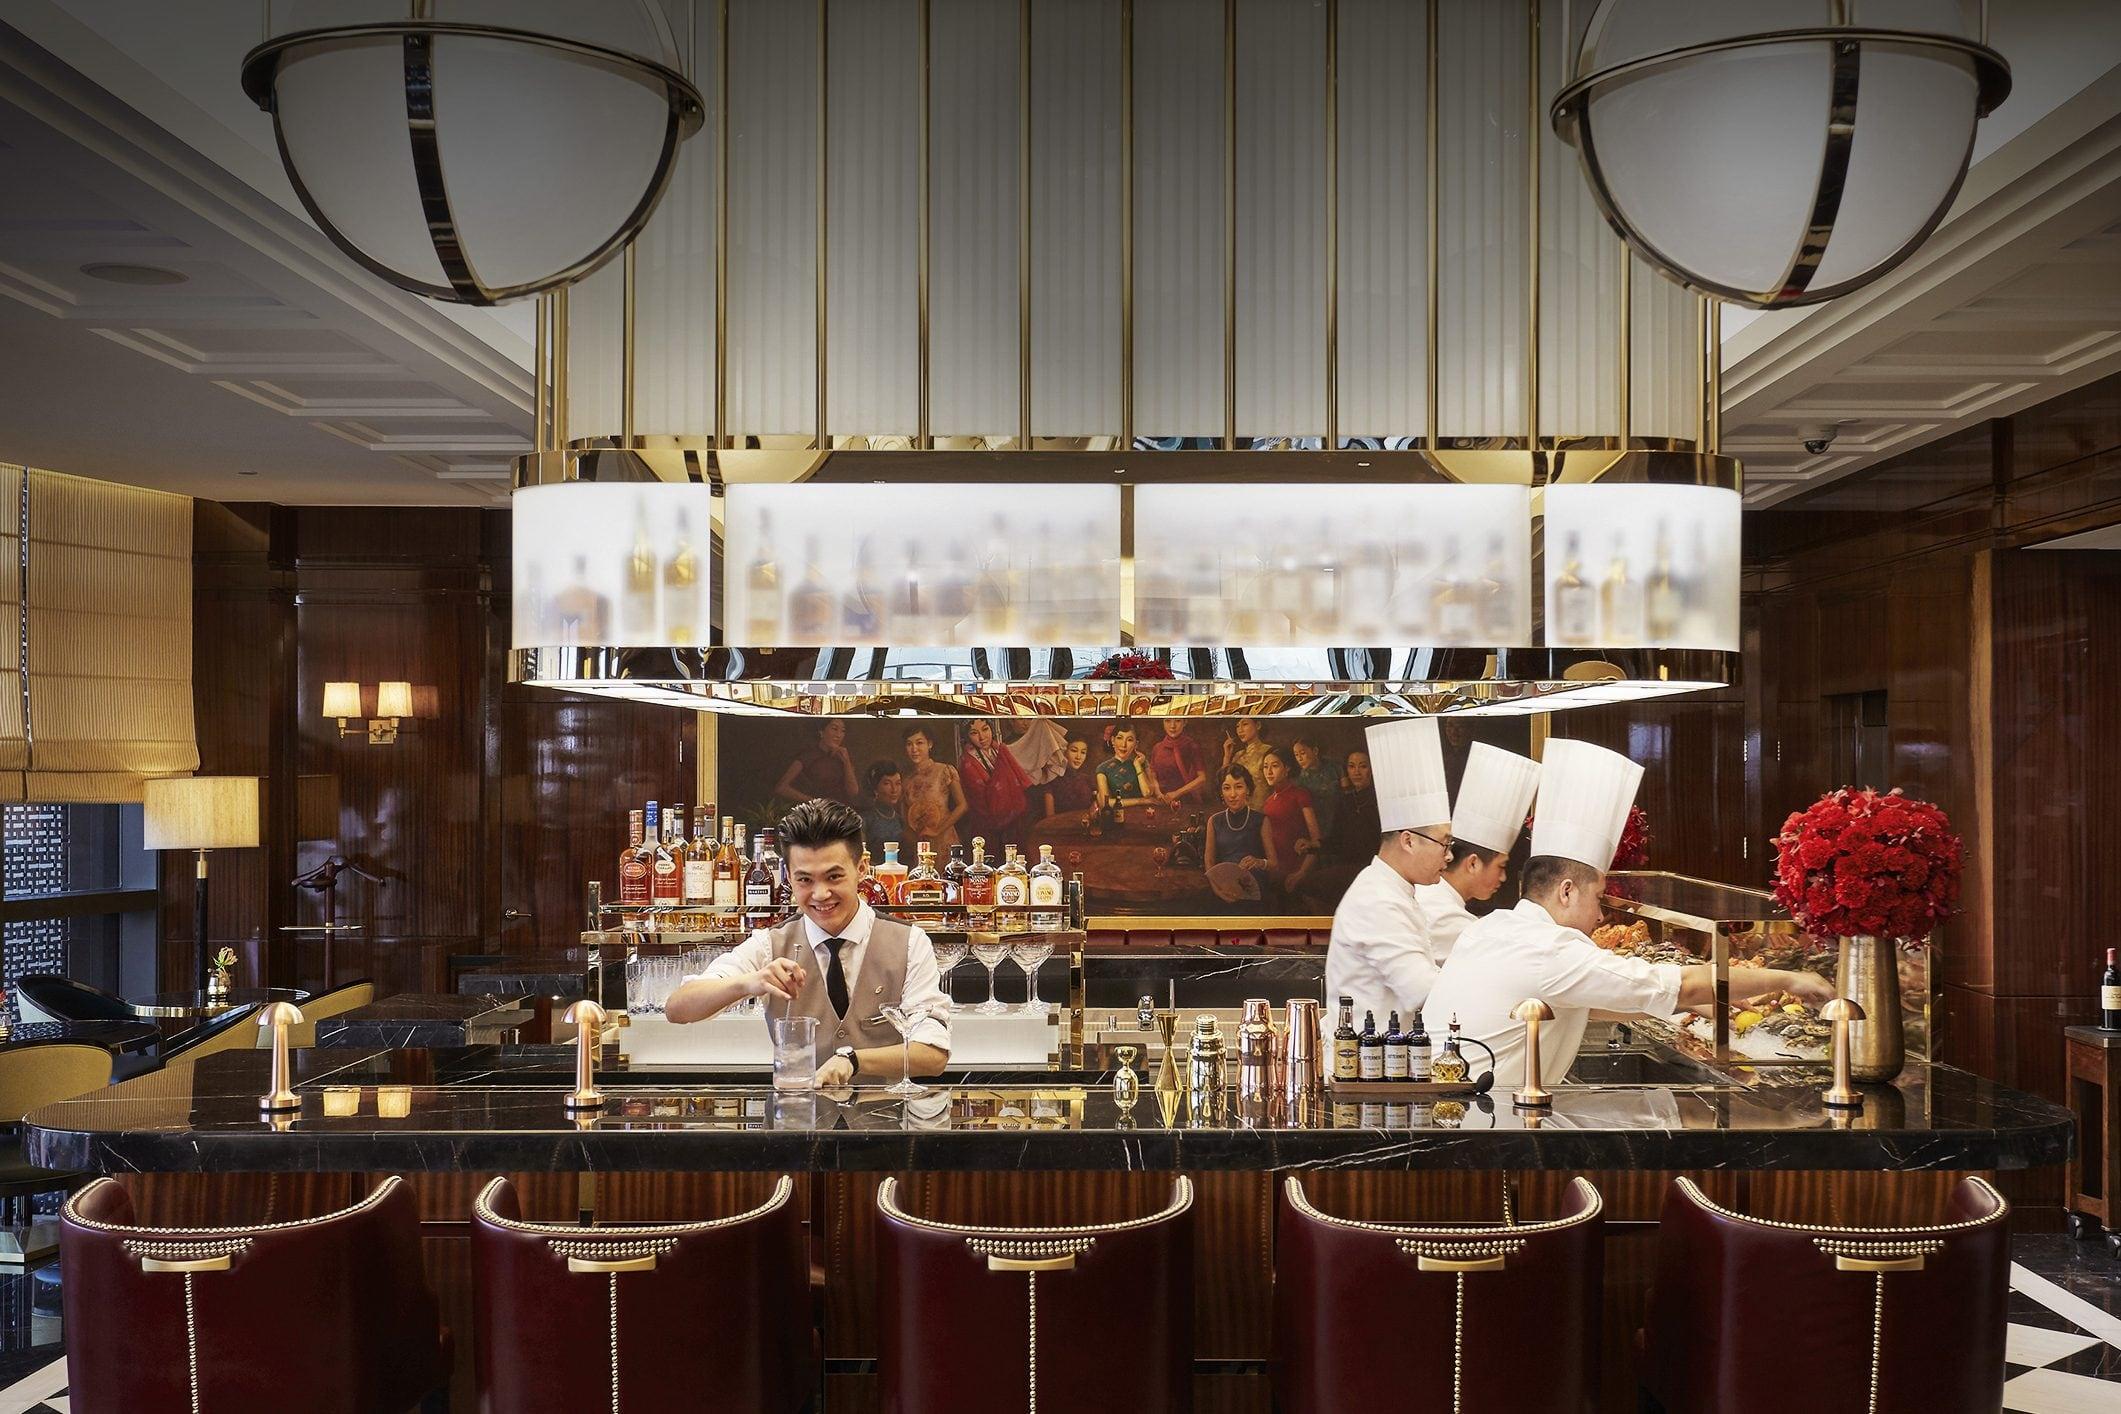 The beautiful bar at Mandarin Oriental, Hong Kong